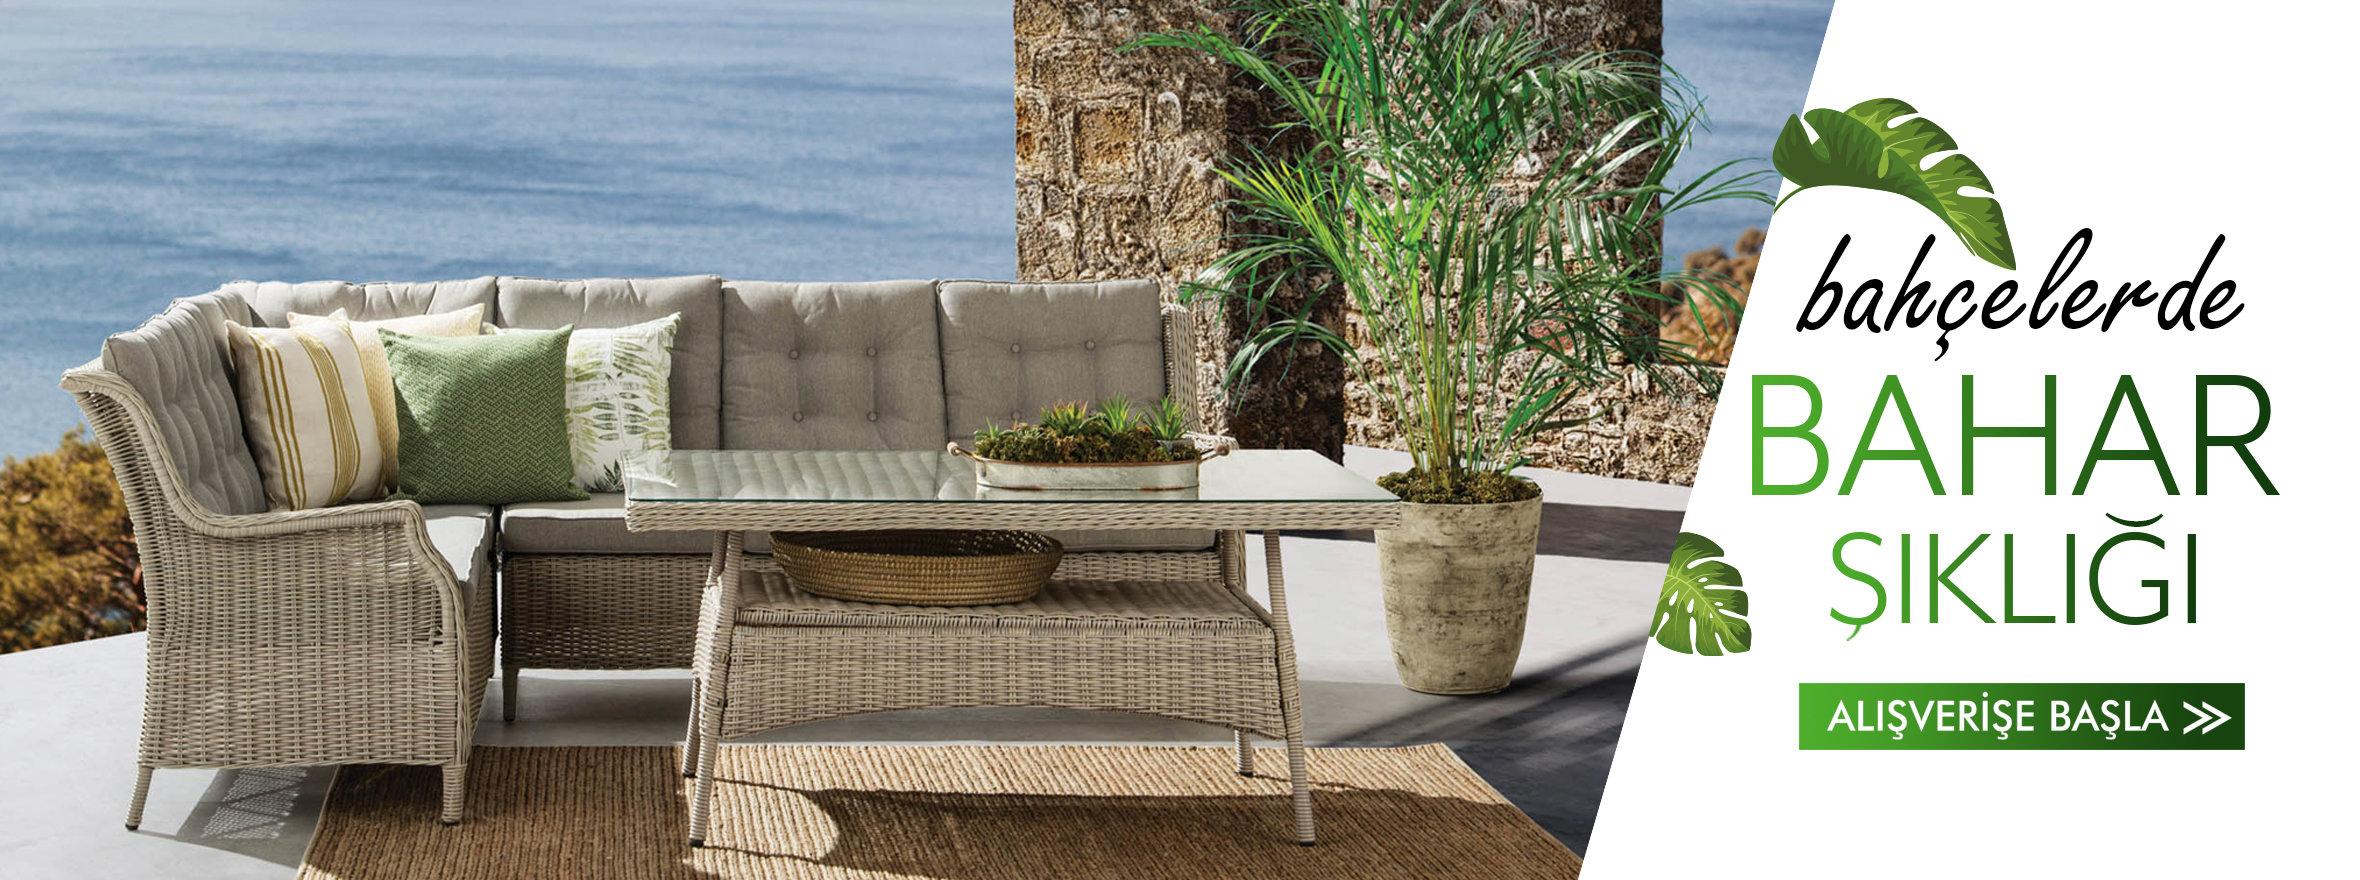 Bahçe mobilyası ve dekorasyonu